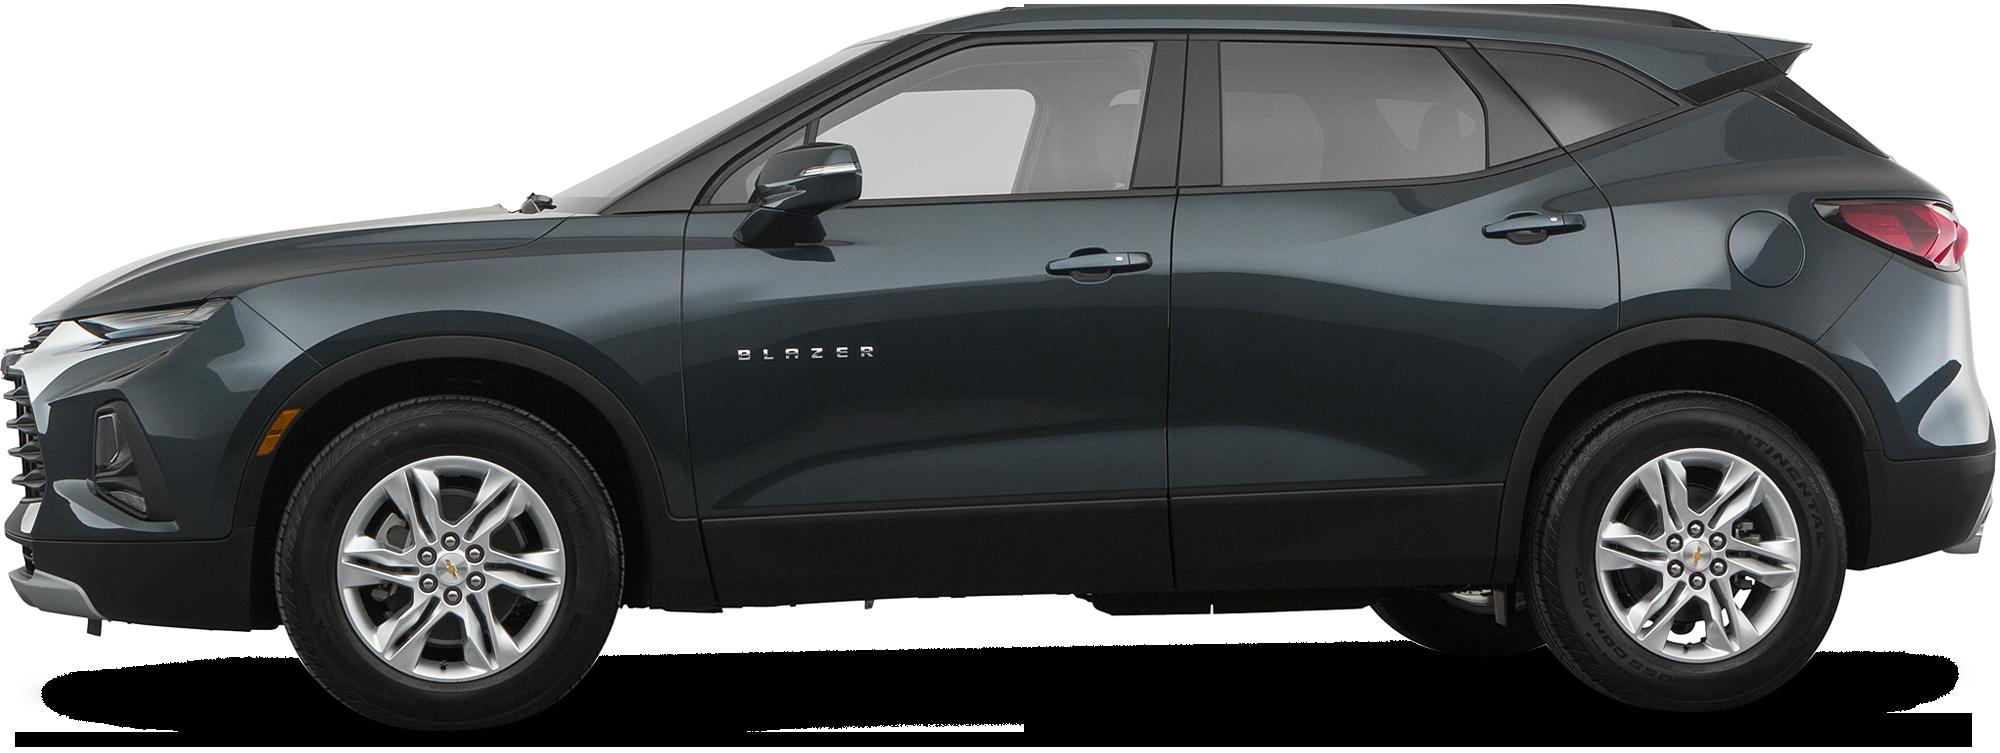 2019 Chevrolet Blazer SUV L